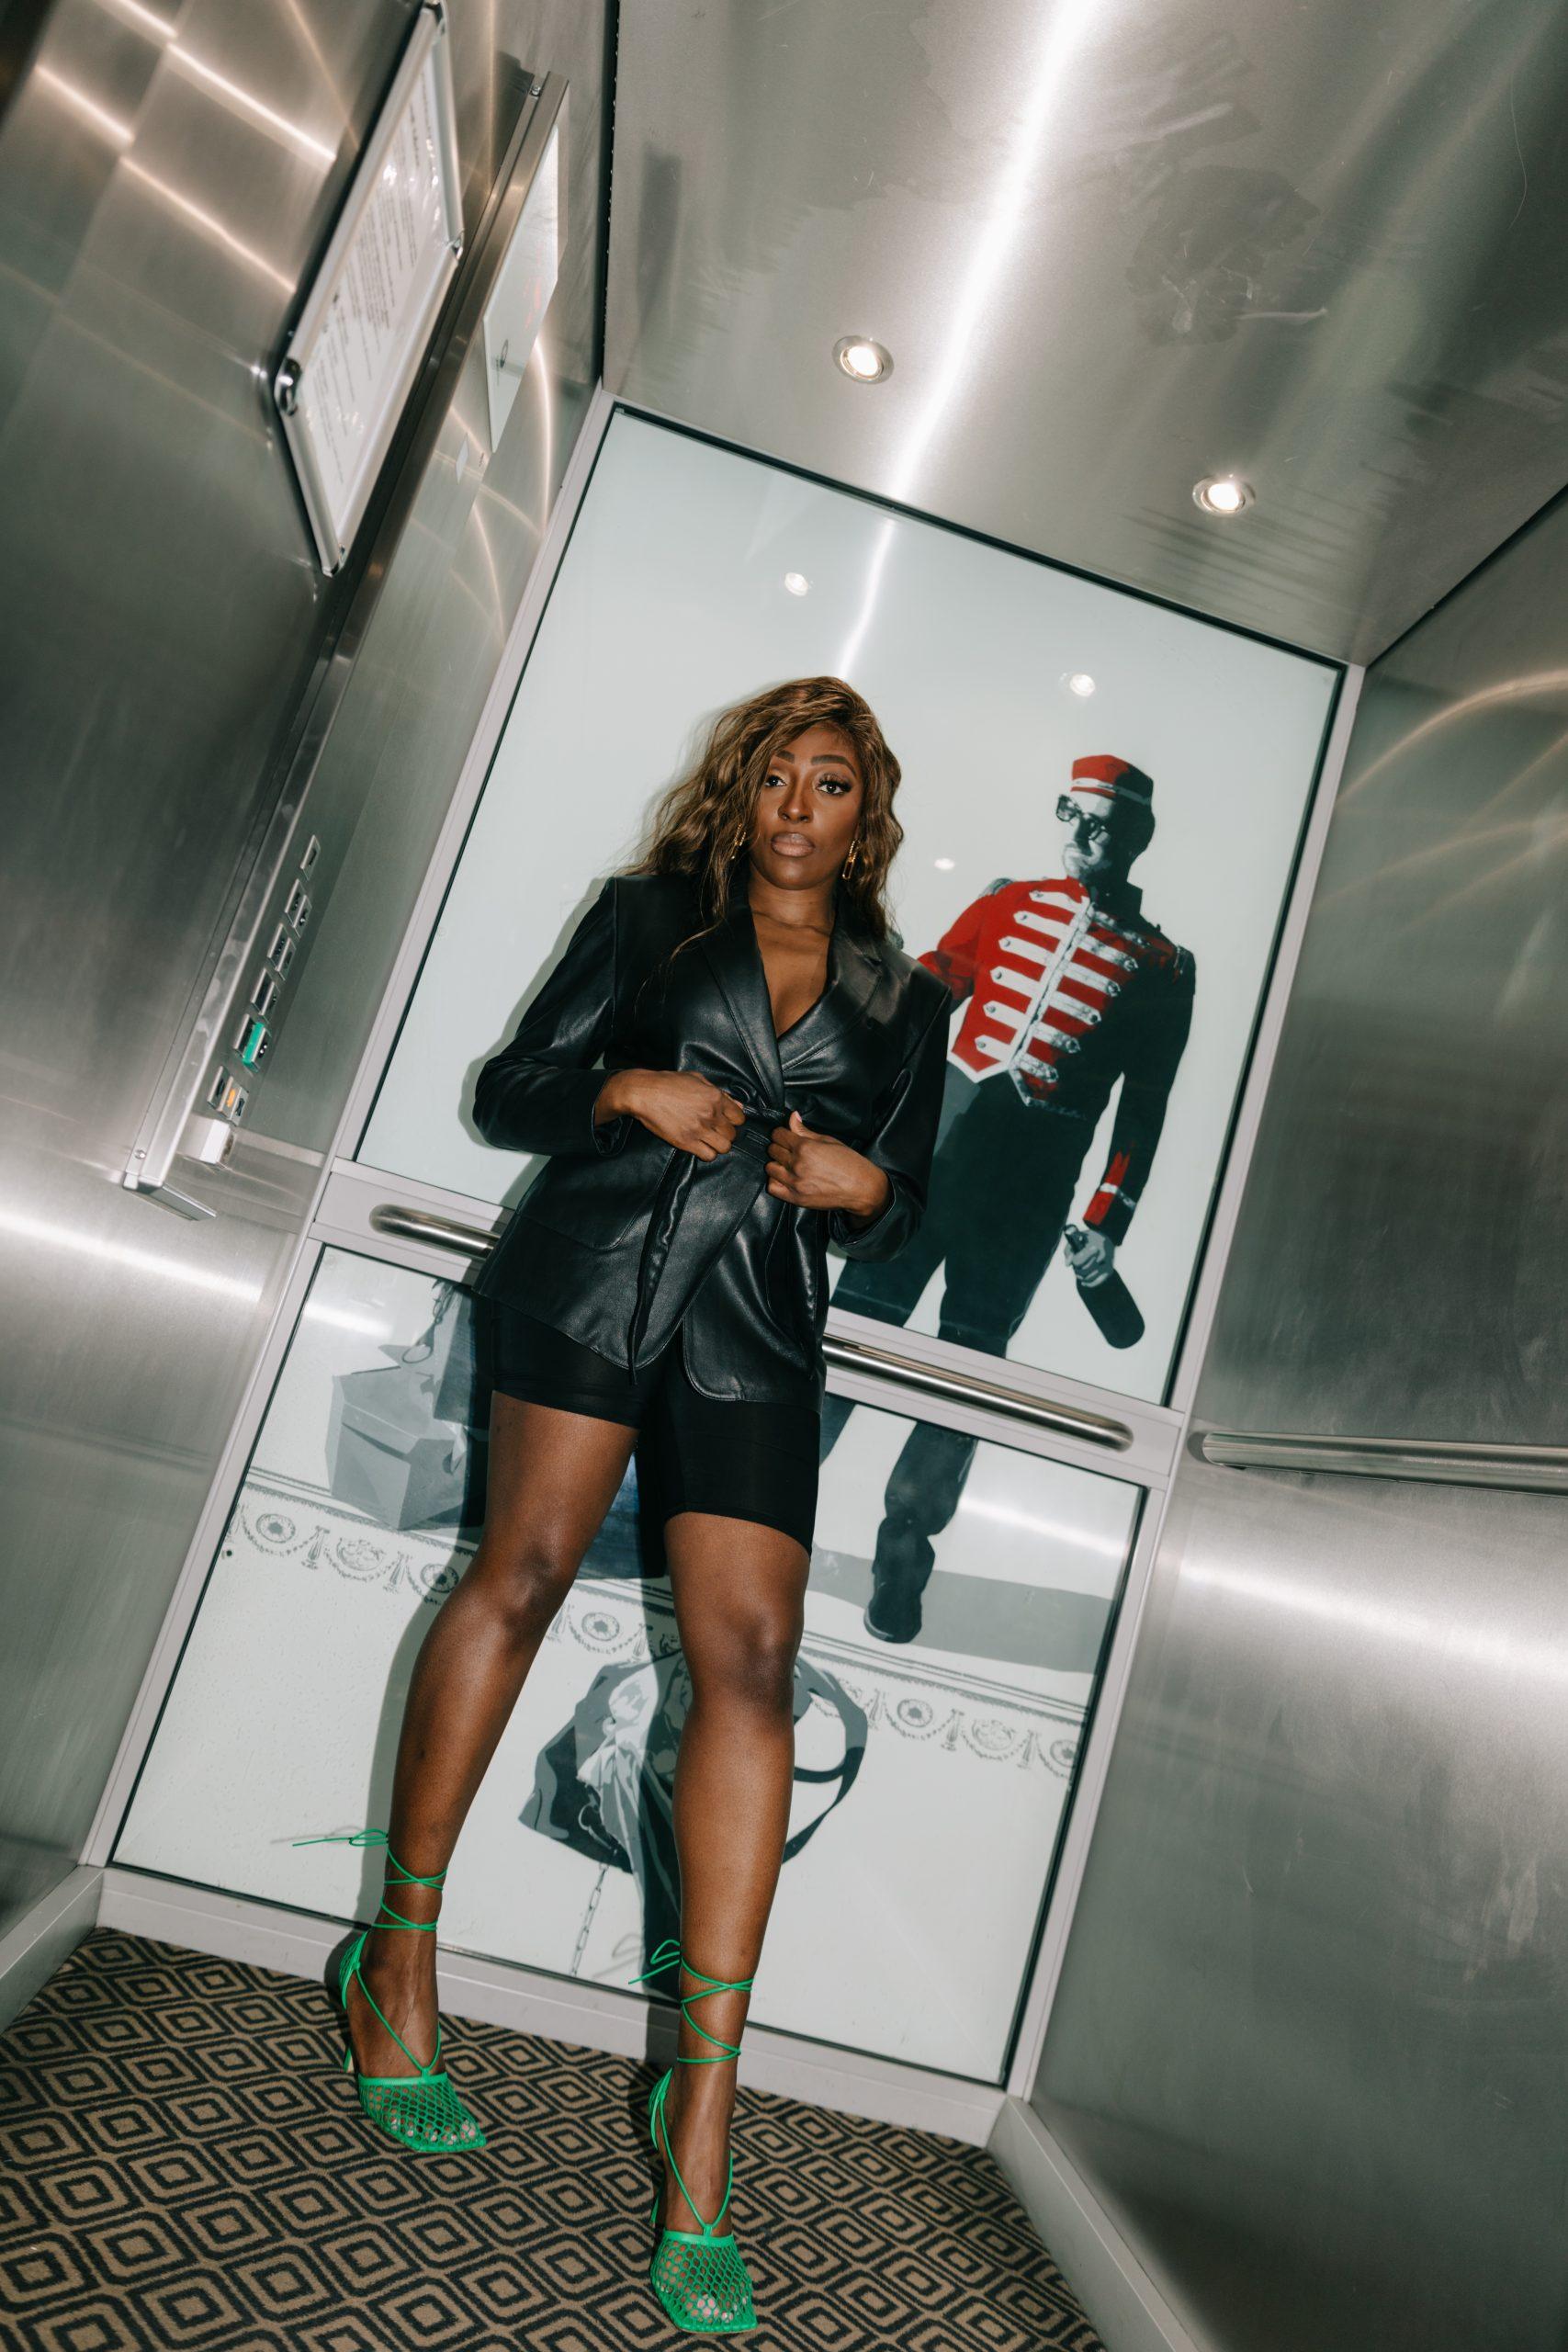 Bottega Veneta Stretch Sandals - By Daniel Lee - Tasha Antwi - Luxury Fashion